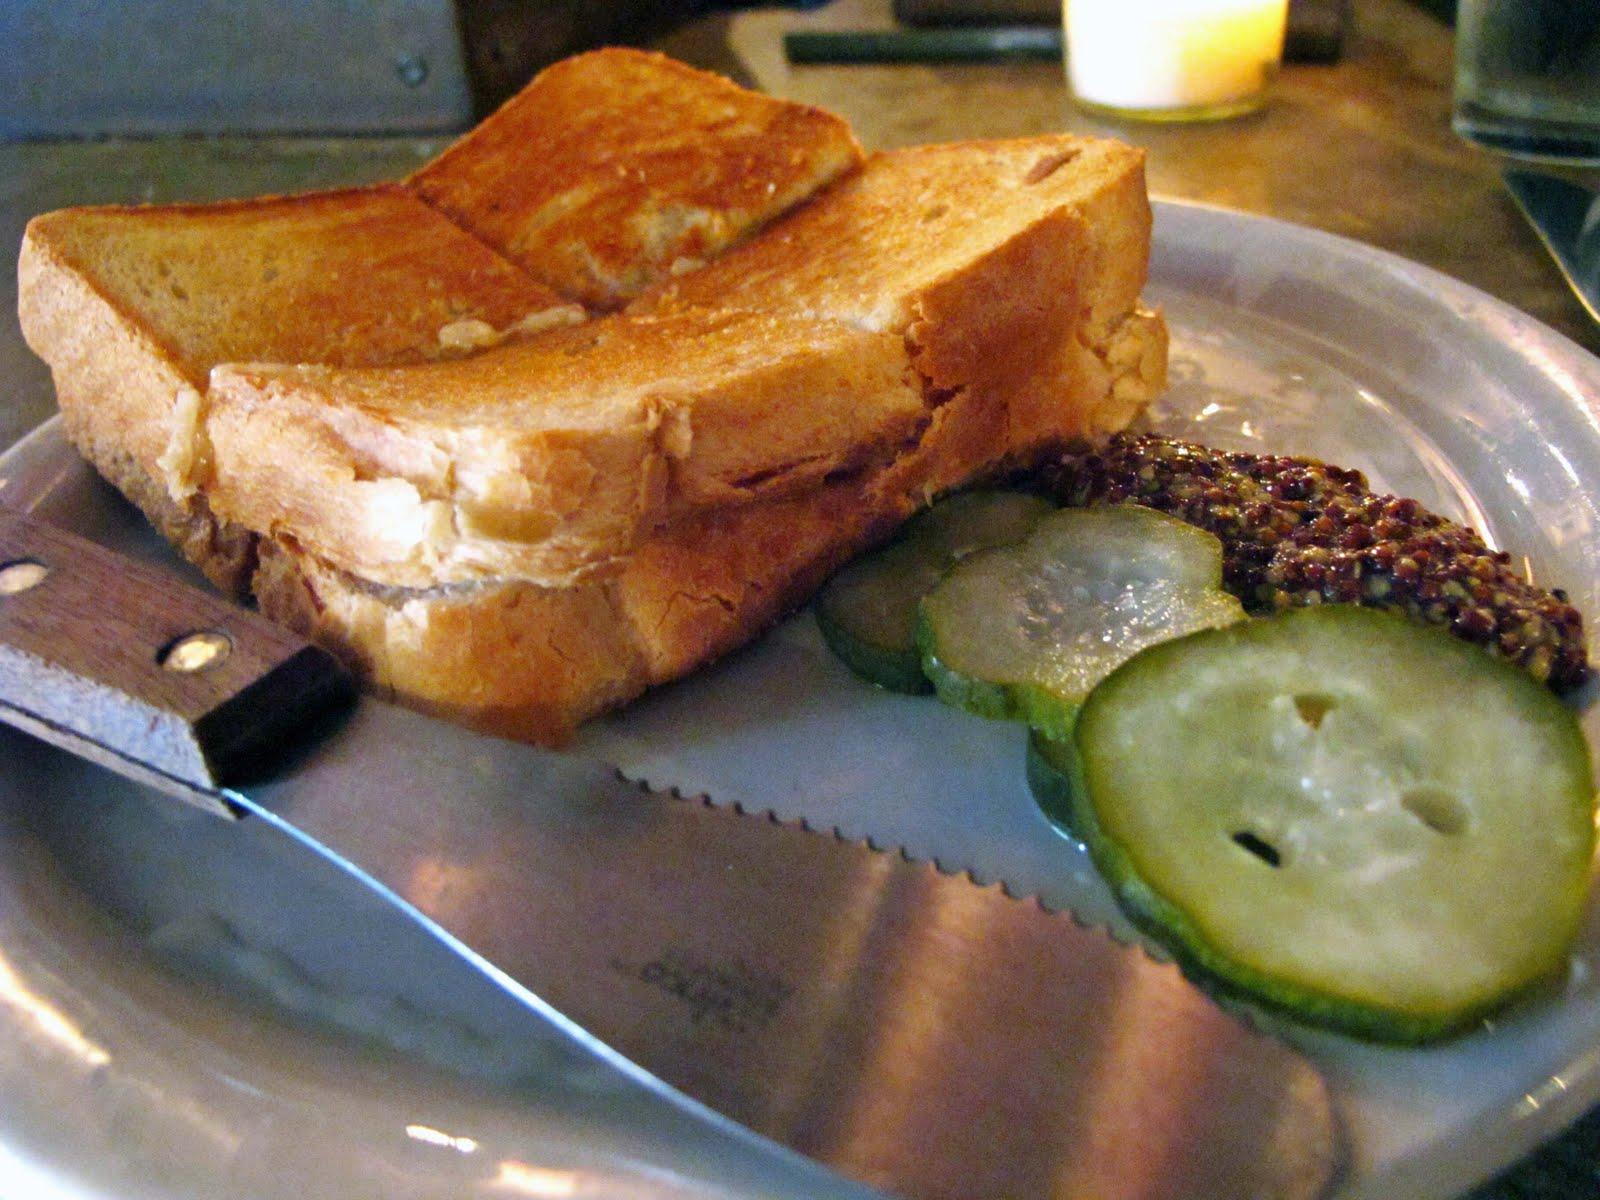 Top 40 Sandwiches Of Western Queens also Top 40 Sandwiches Of Western Queens in addition Top 40 Sandwiches Of Western Queens besides Top 40 Sandwiches Of Western Queens moreover  on top 40 sandwiches of western queens